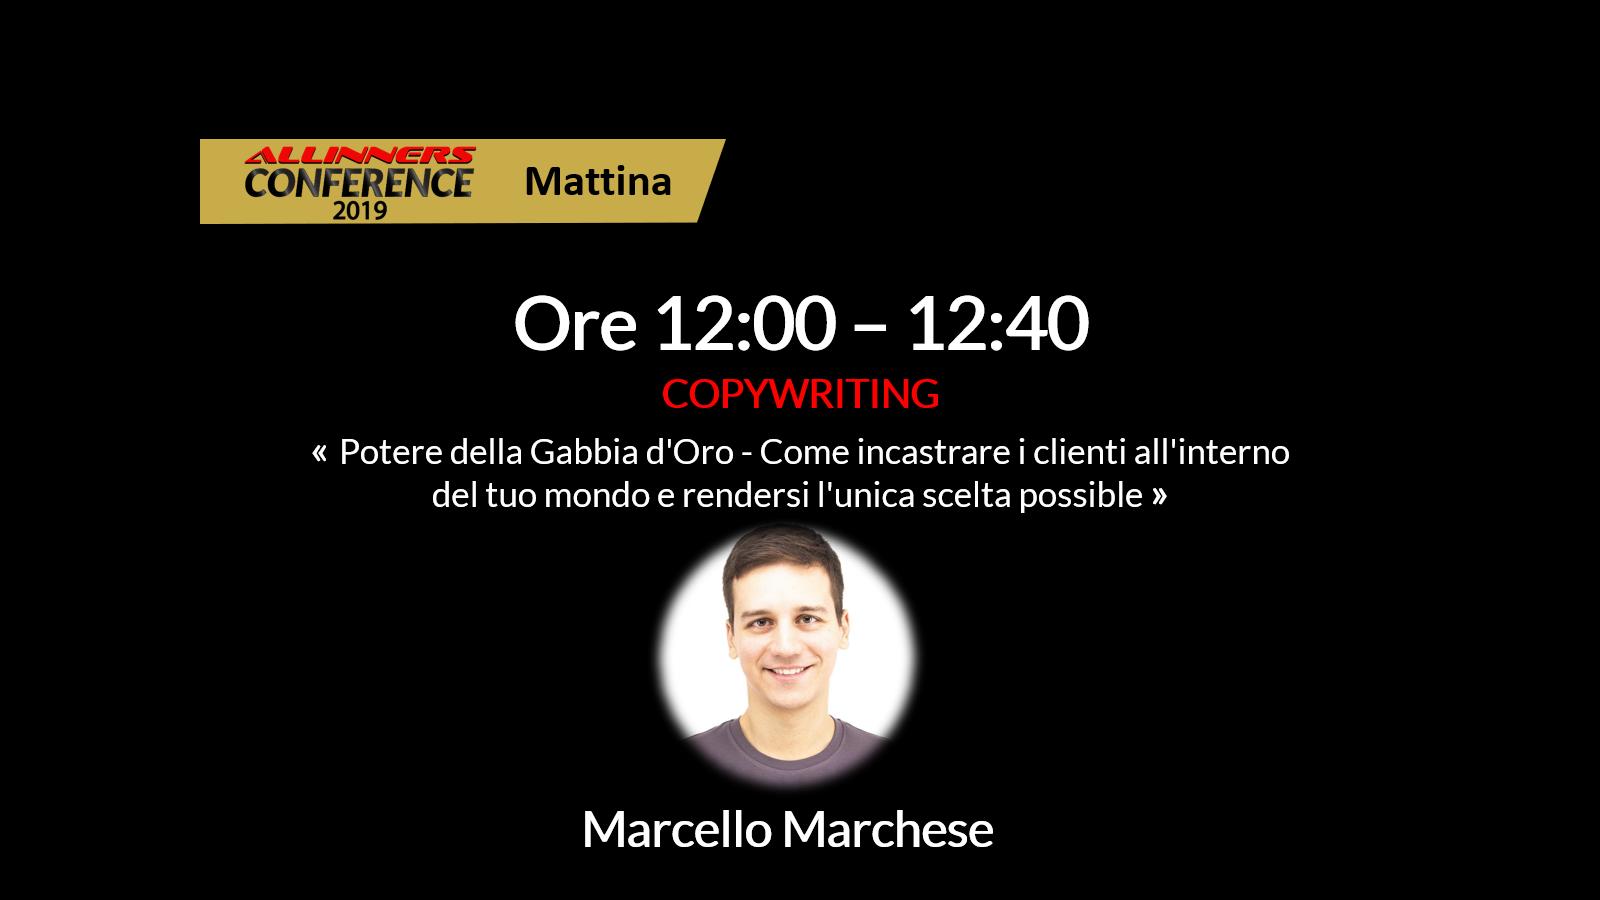 marcello marchese